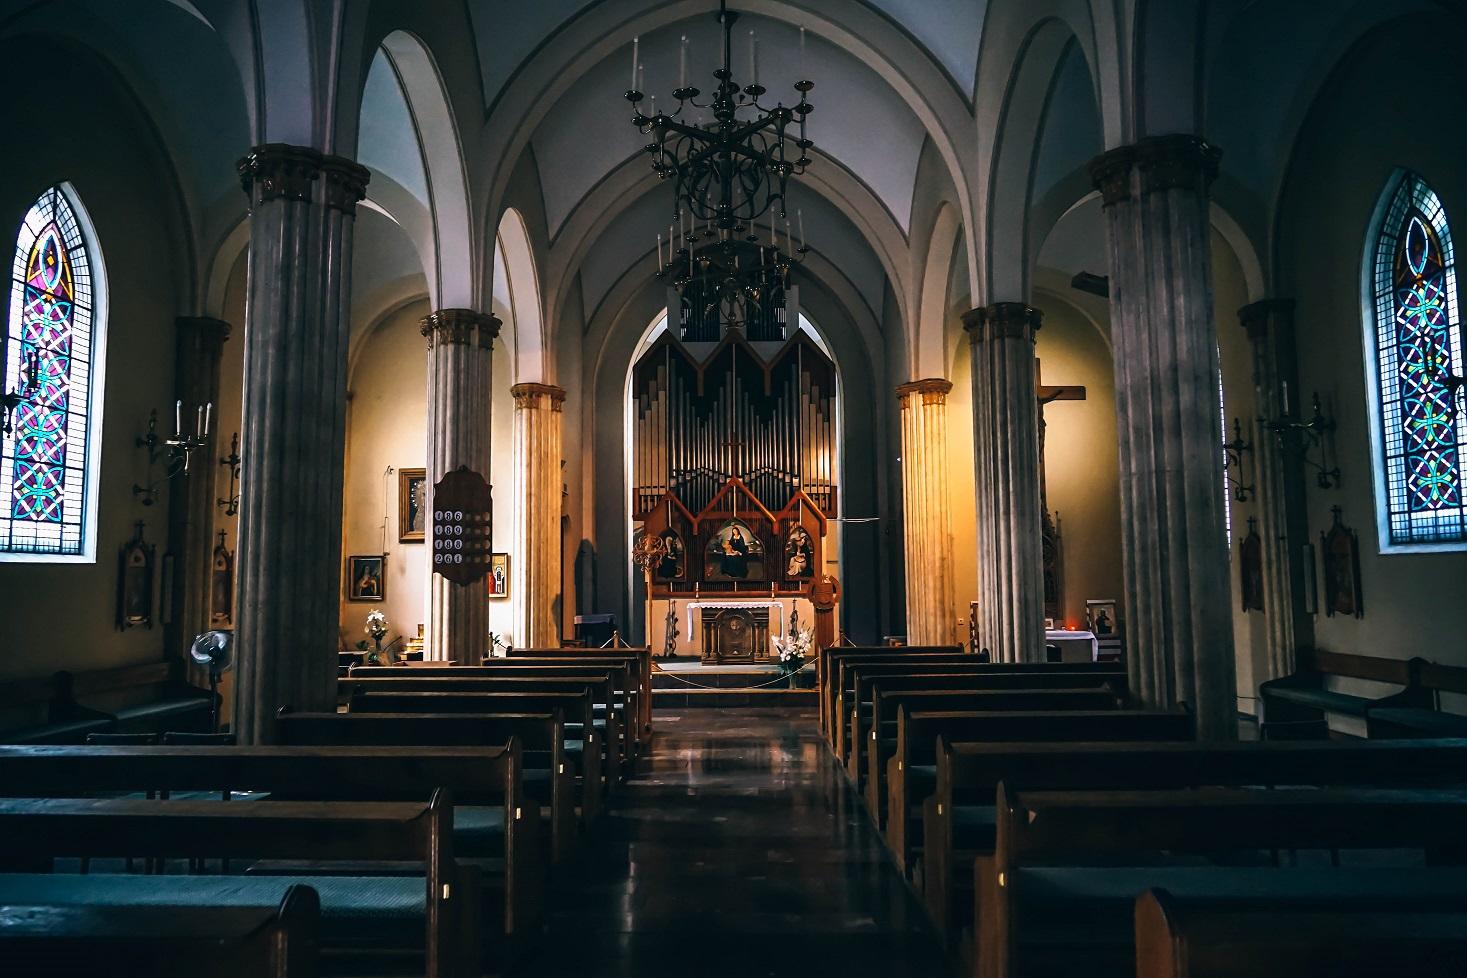 Zaślubiny bez nabożeństwa nazywane są często skróconą mszą.